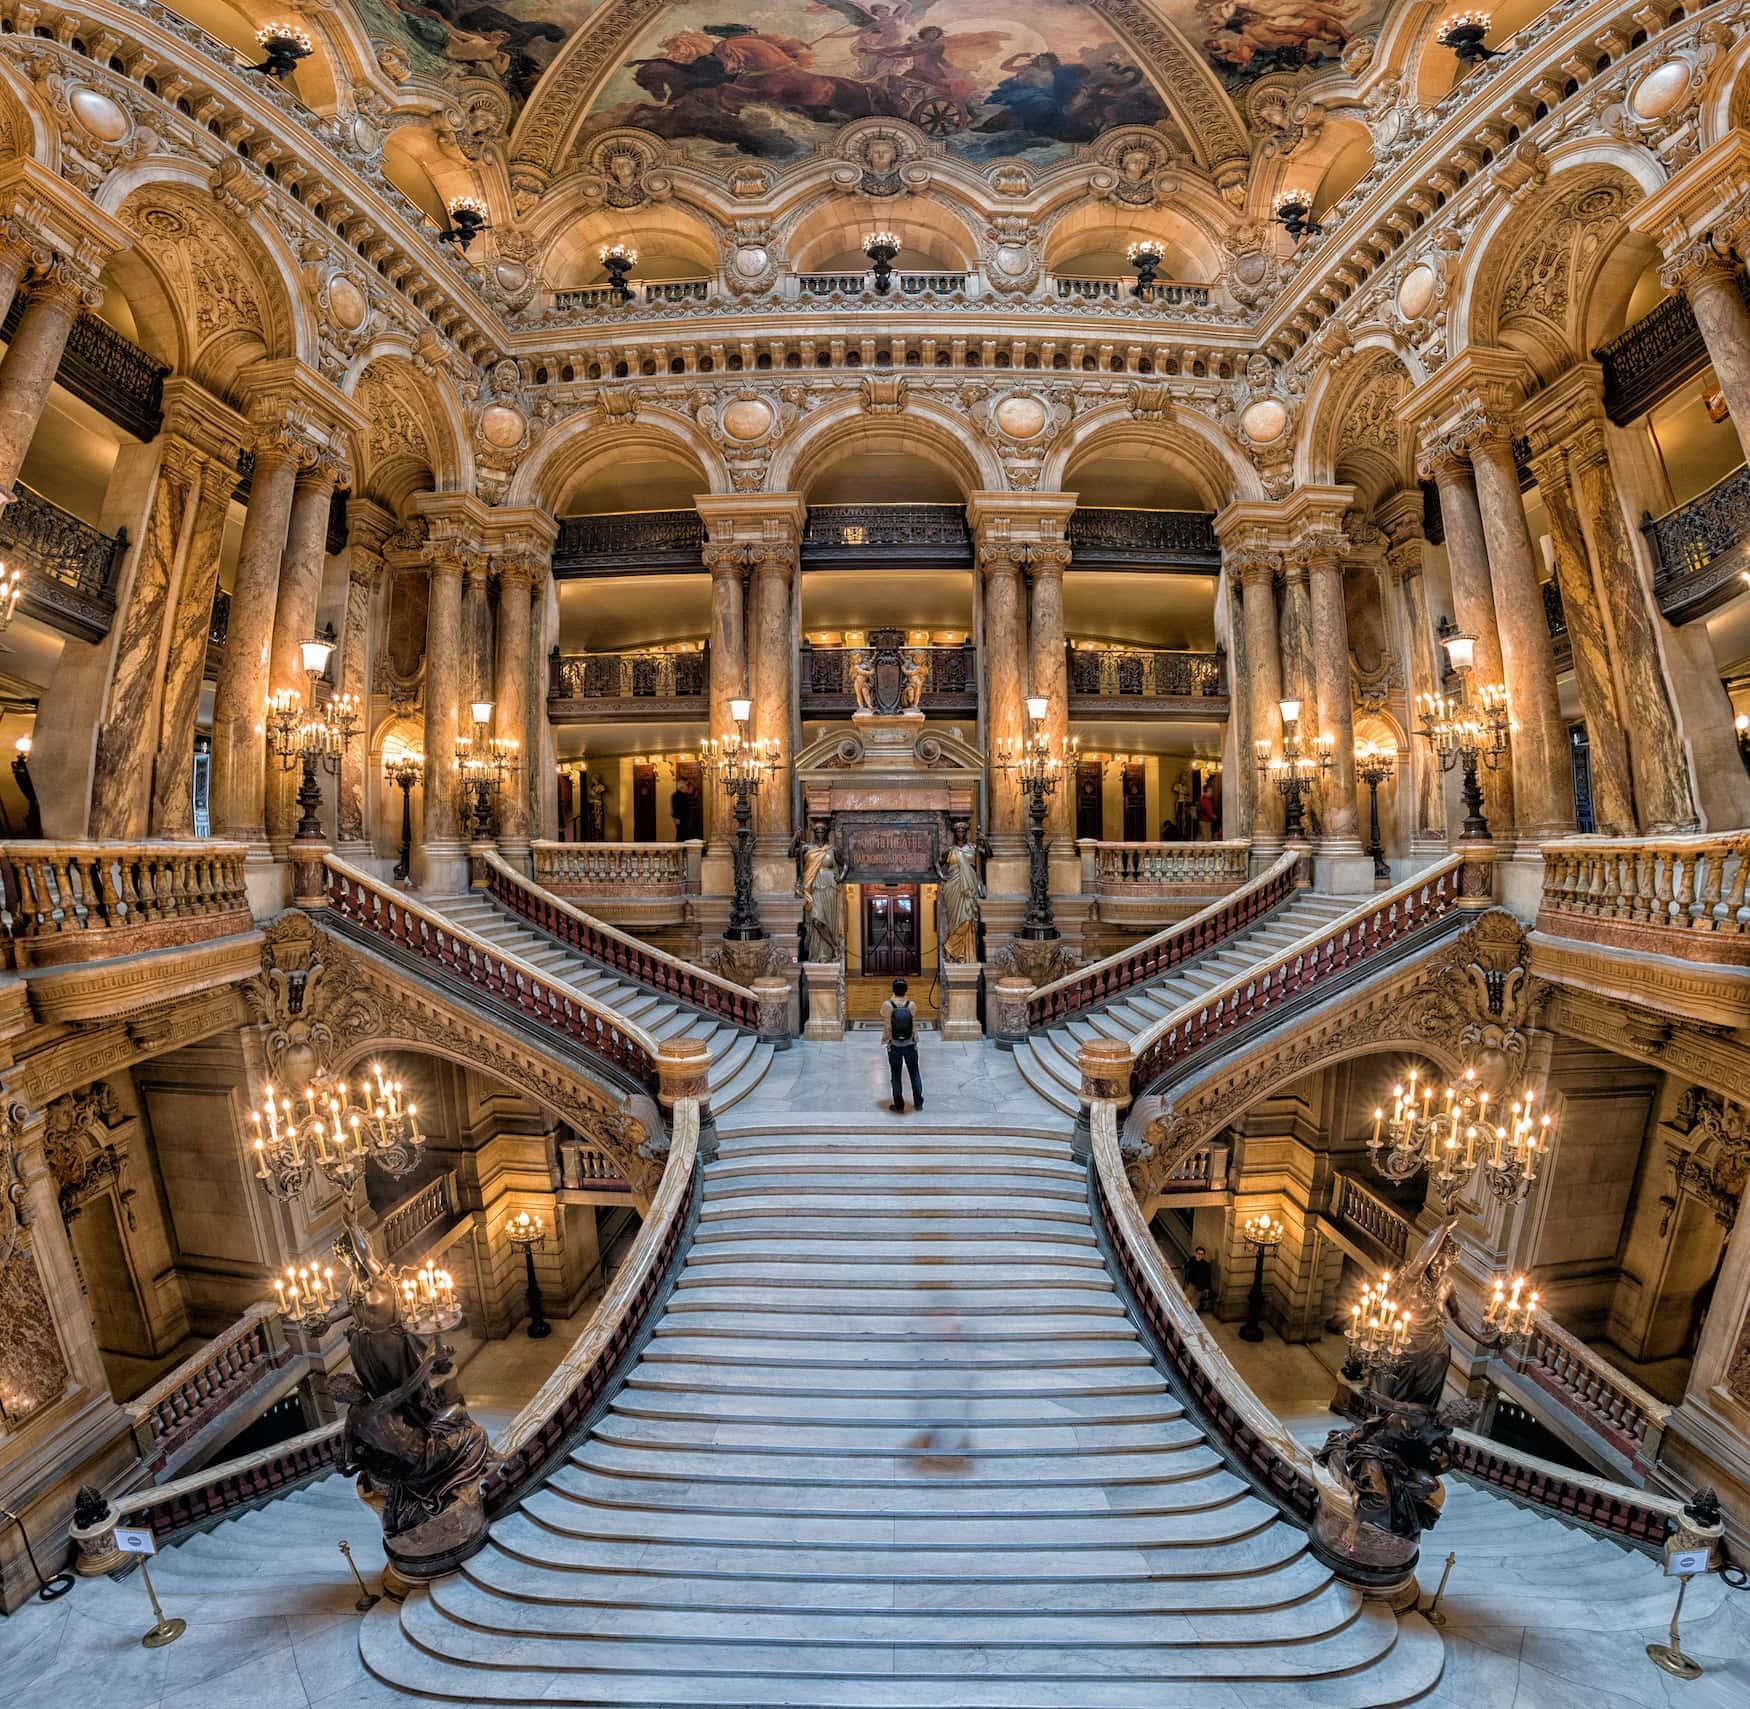 Der Palais Garnier in Paris ist eines der schönsten Opernhäuser weltweit